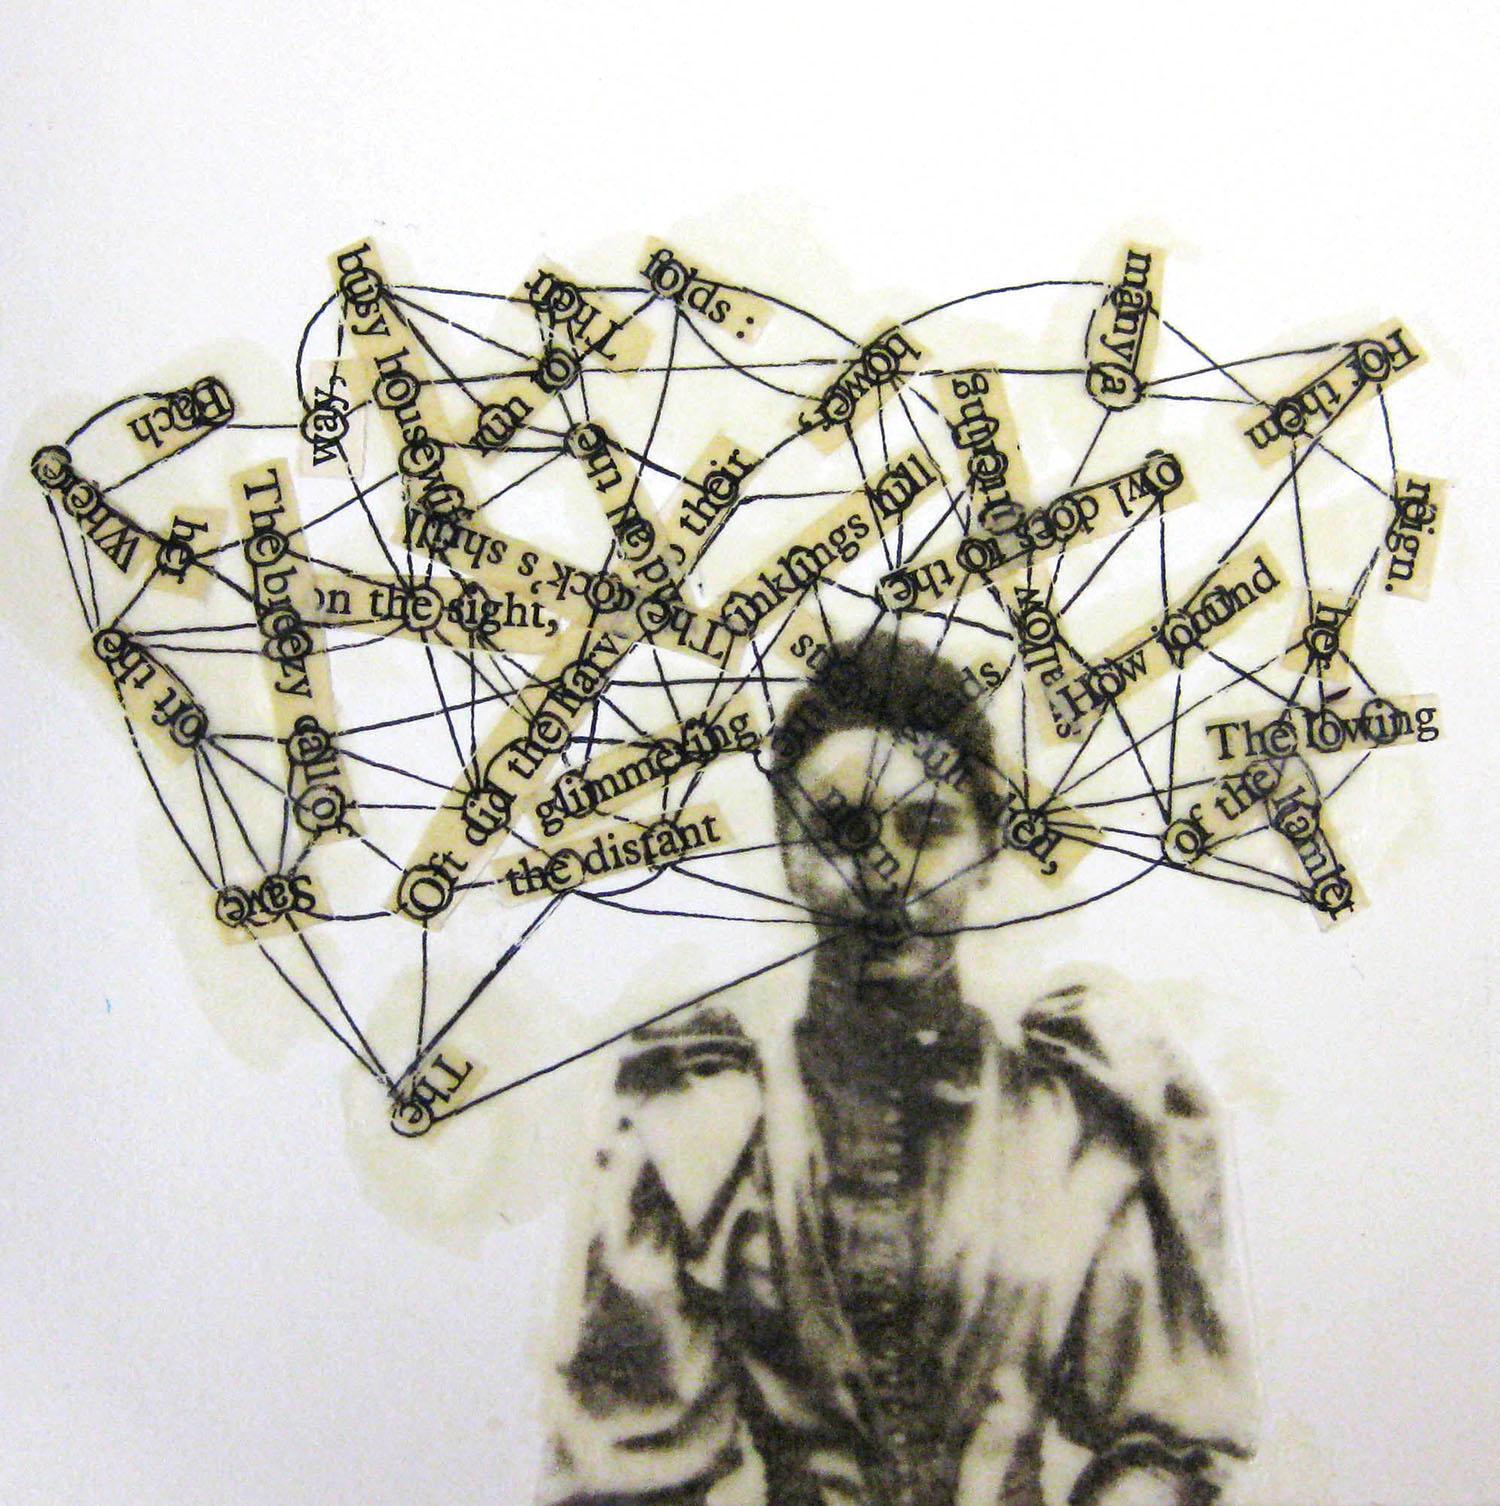 Maria-webgrid-collage-by-Lisa-Feyen